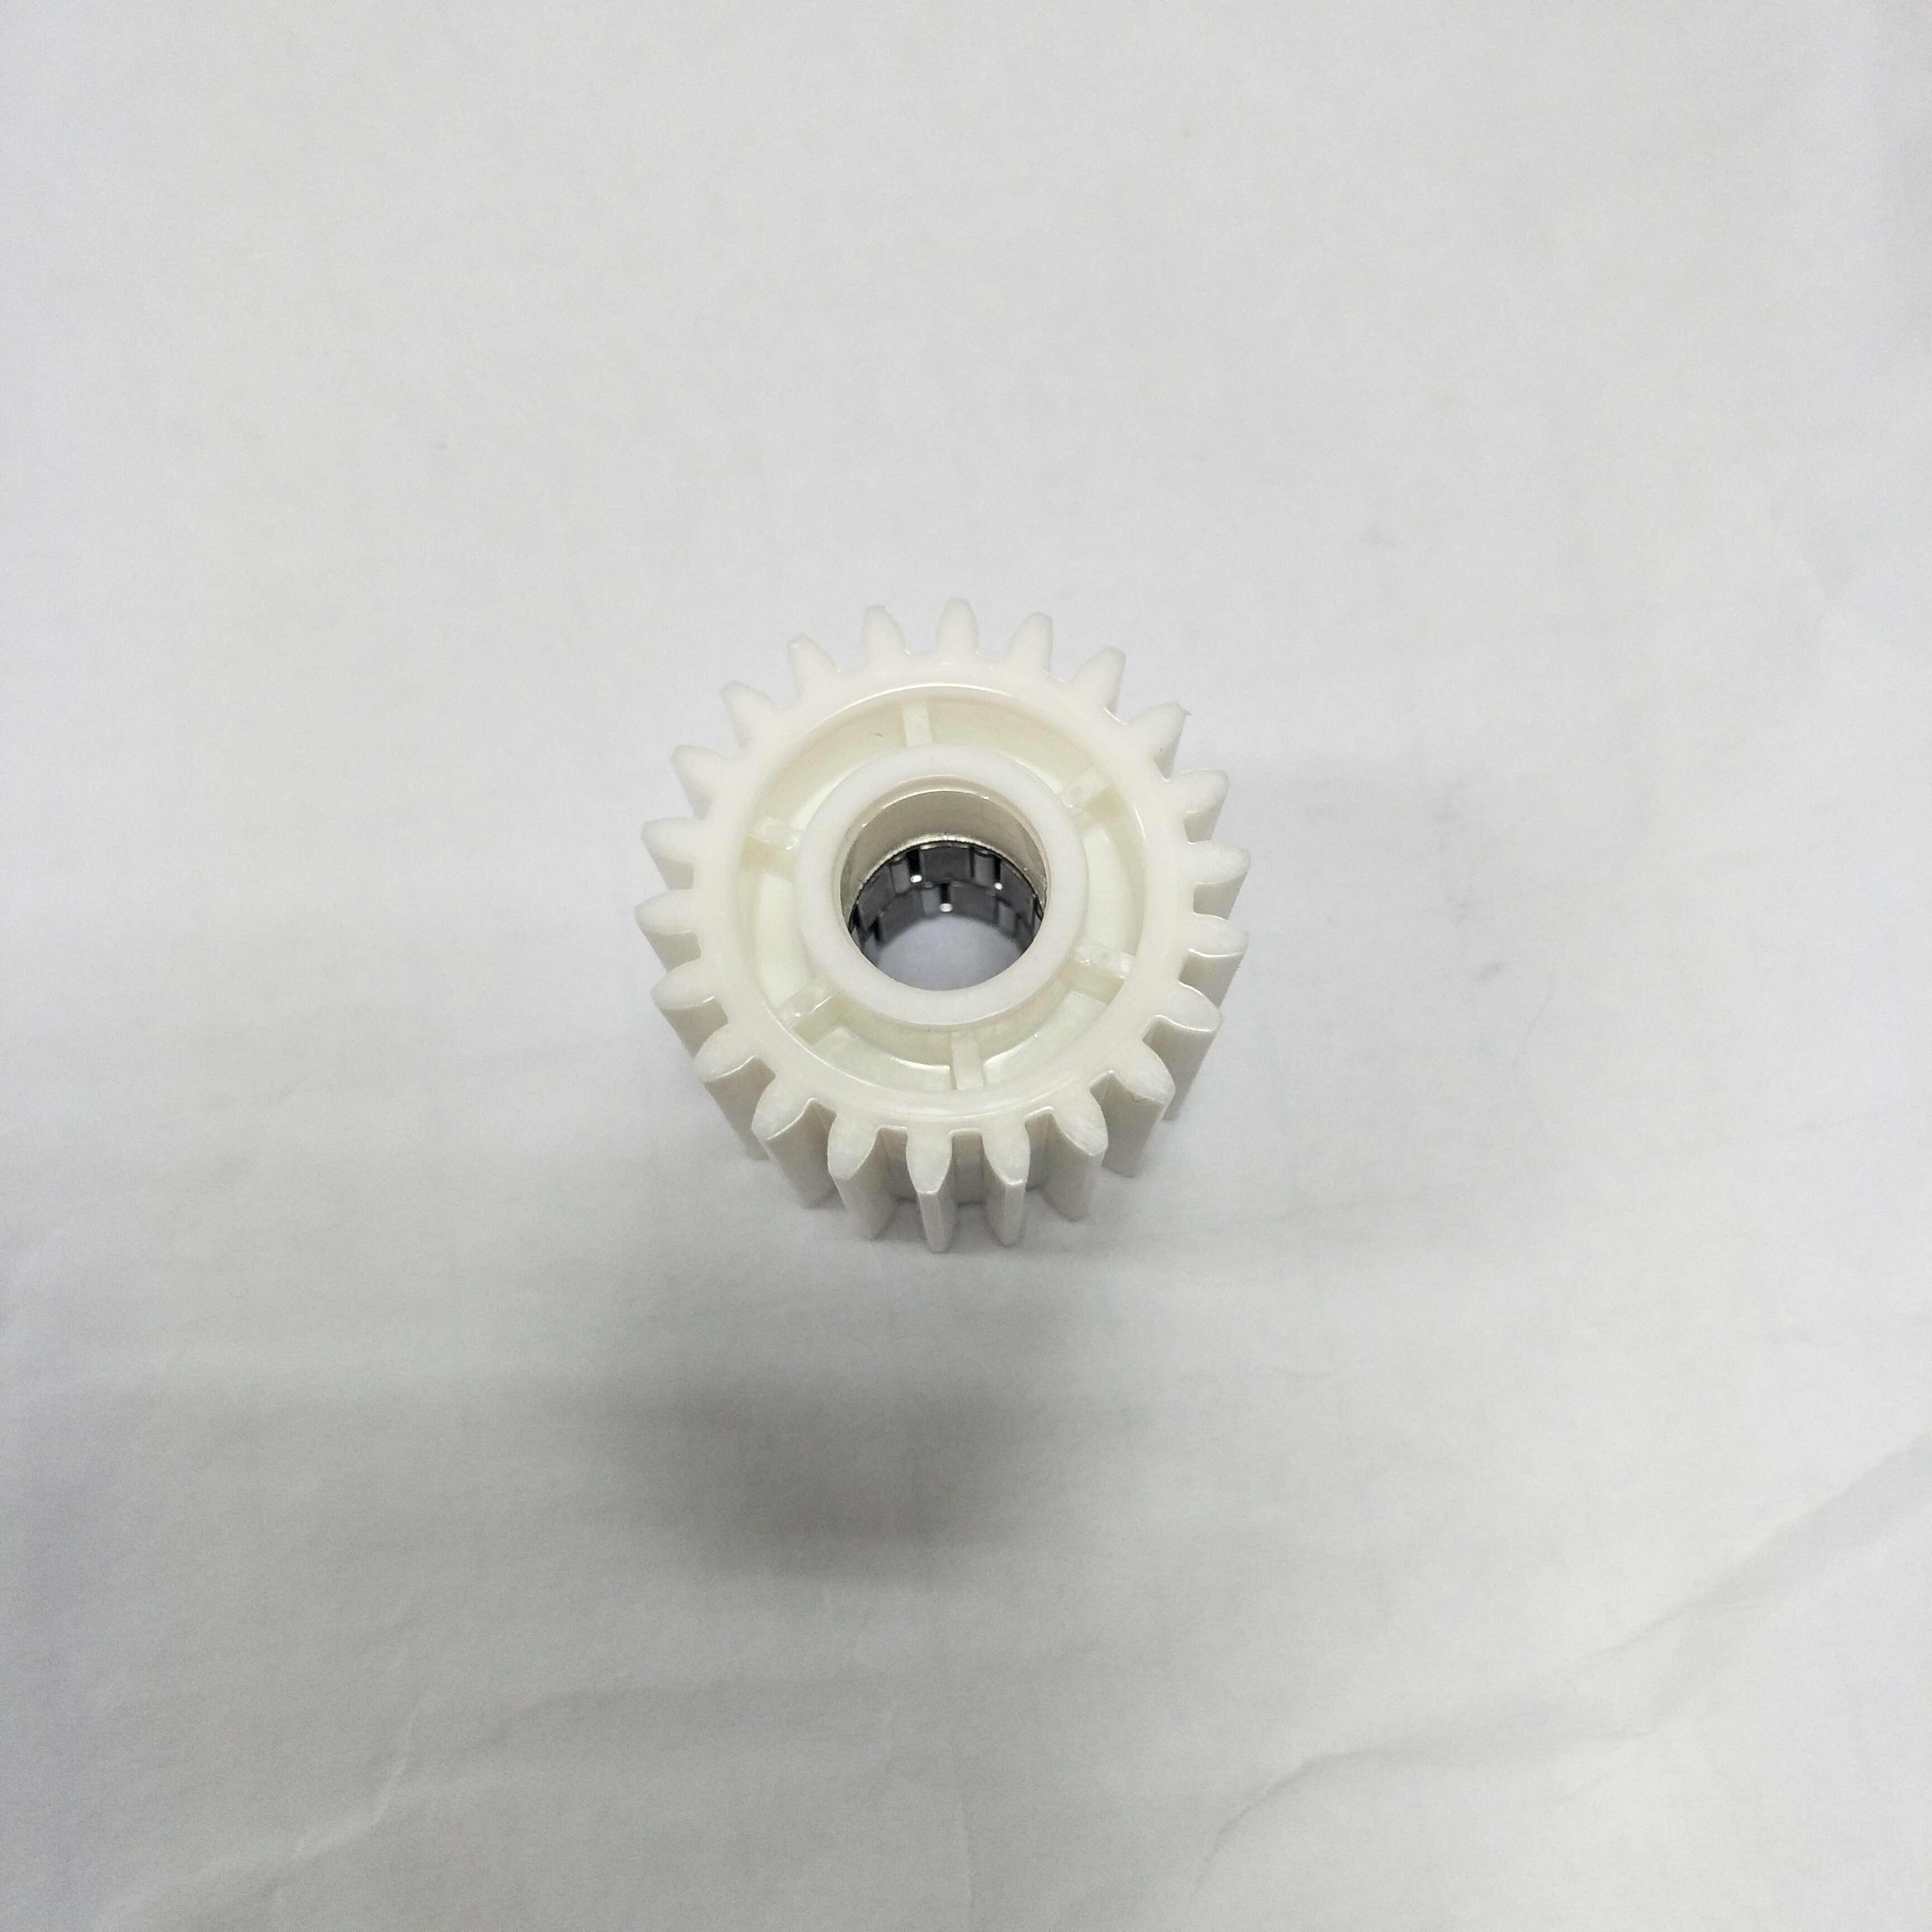 Ad Baru Yang Kompatibel untuk Konica Minolta Bizhub C5500 6000 6500 6501  Memperbaiki Drive Gear A03U809311 A03U809300 22 T Fuser Drive Gear